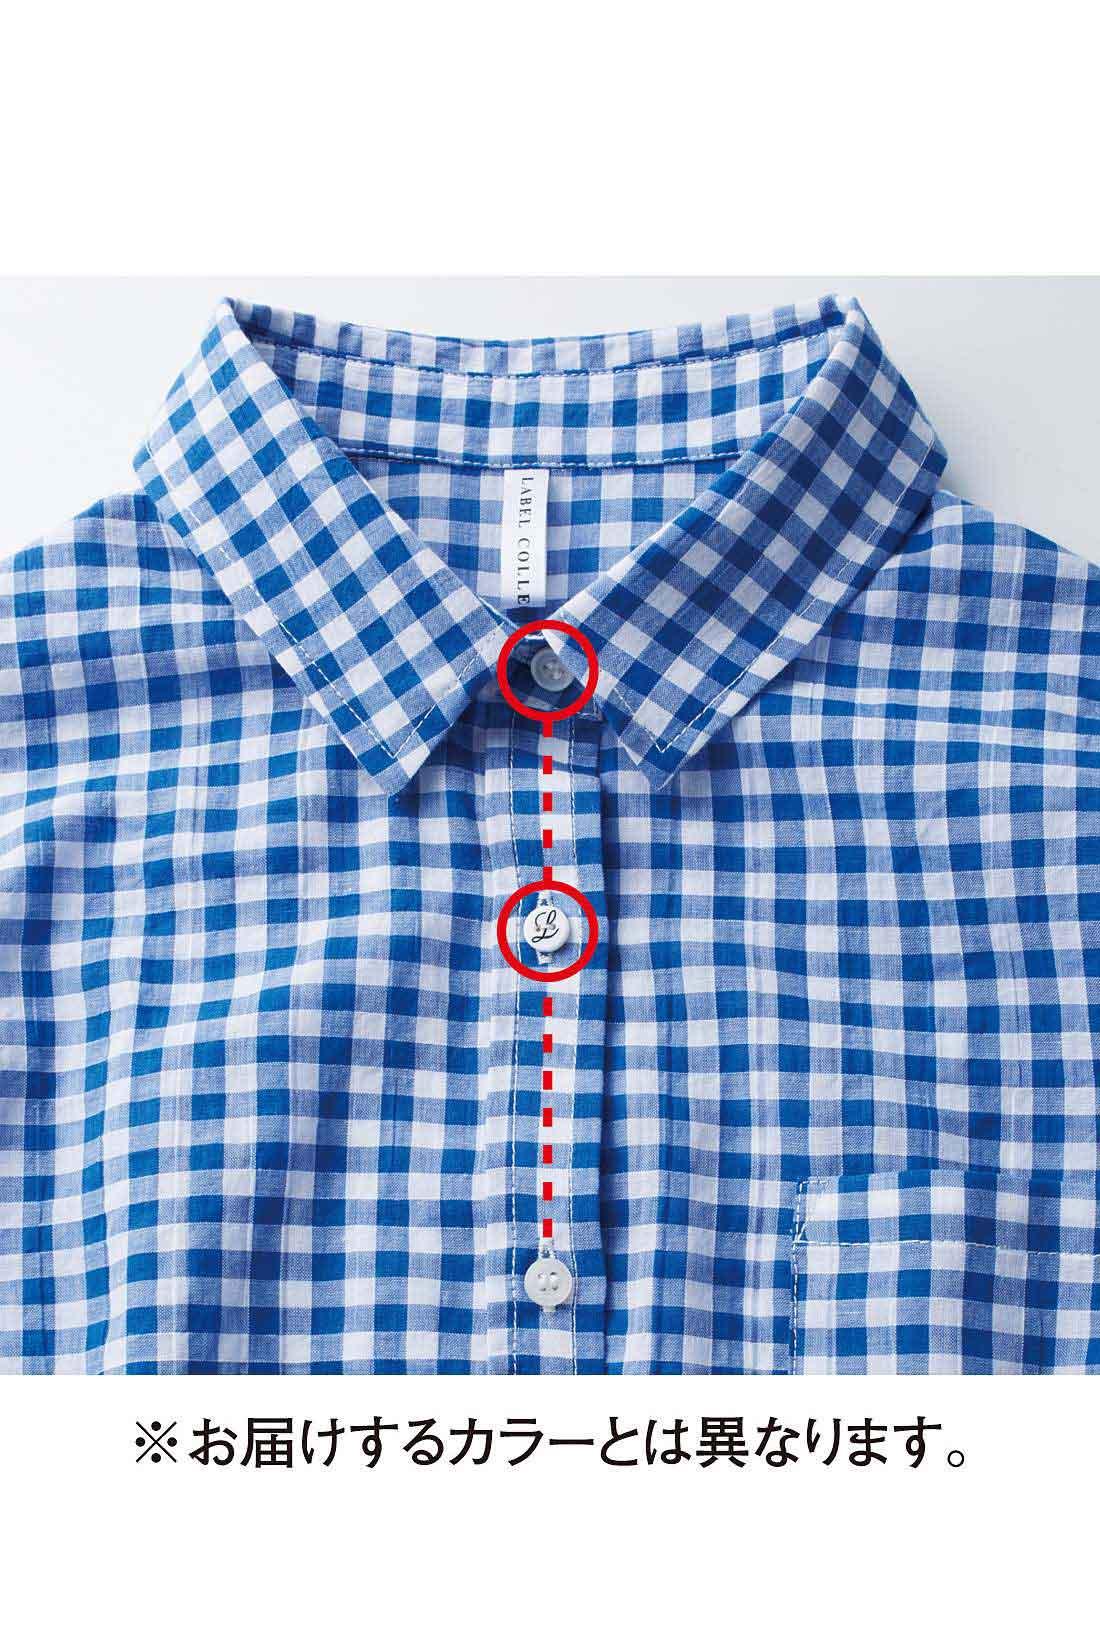 第二ボタンまで開けてかっこよく着られるように、絶妙なボタンの距離感も計算済み。 ※お届けするカラーとは異なります。